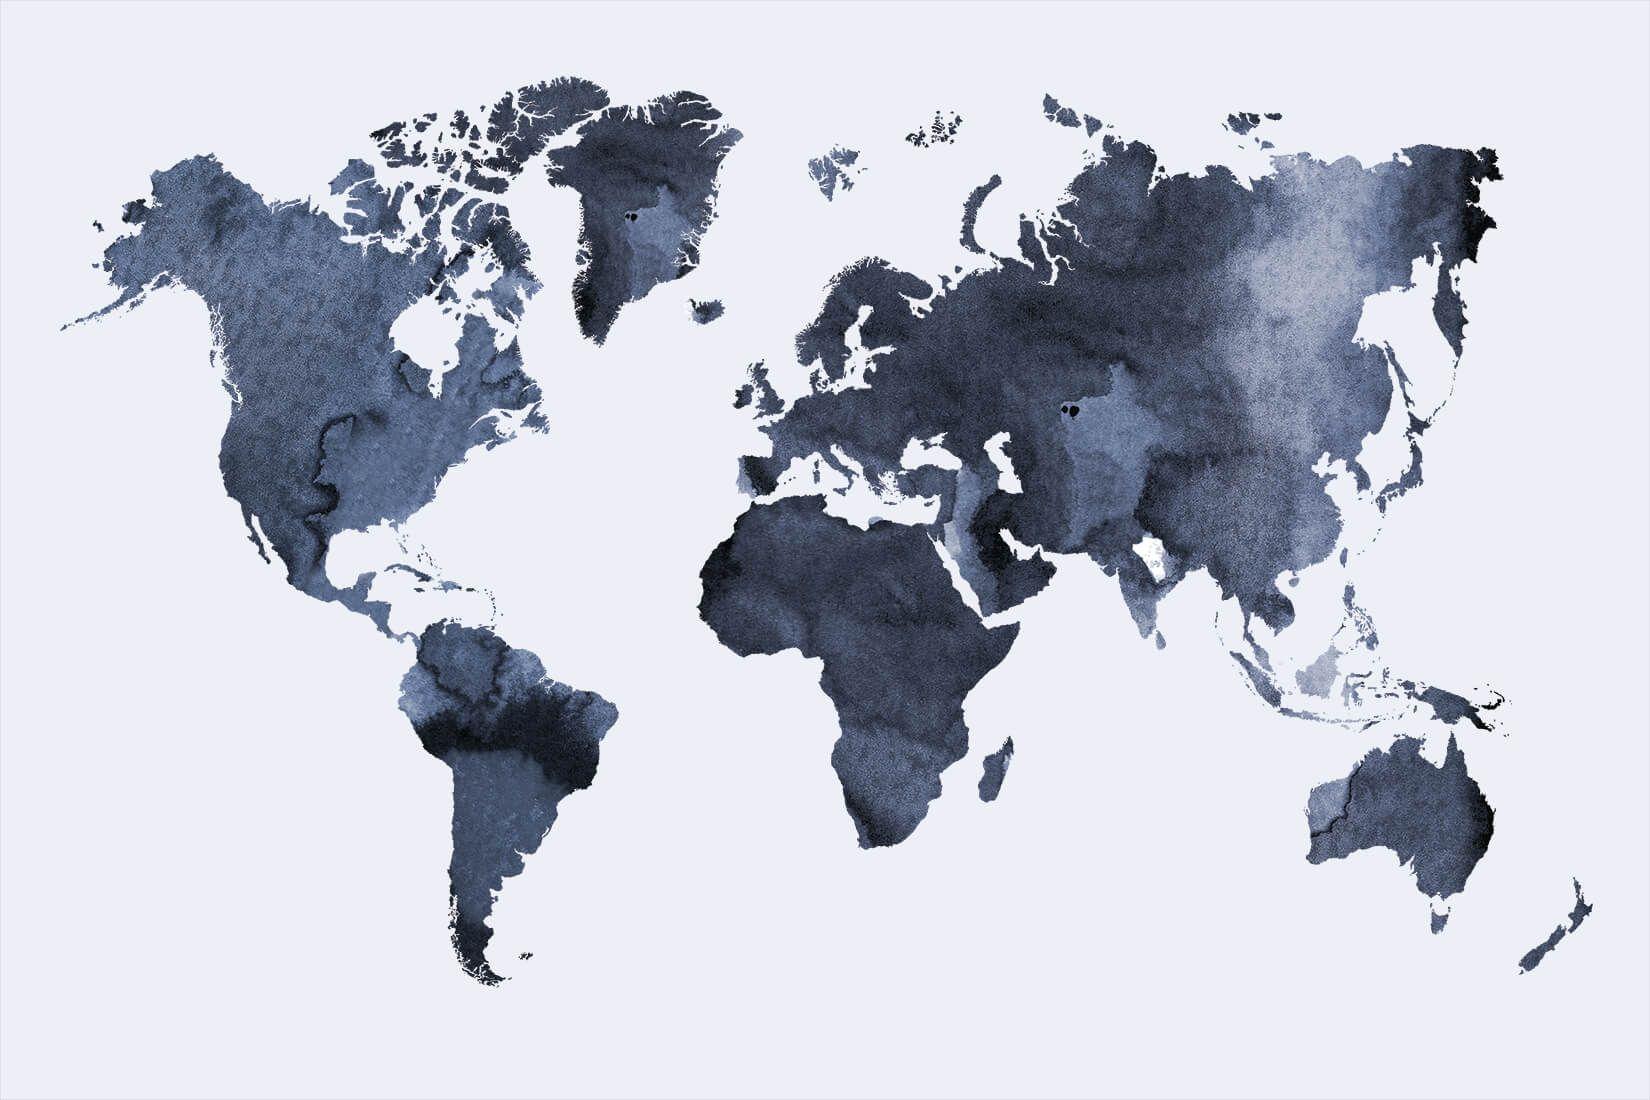 Cartina Del Mondo Da Parete.Murale Da Parete Con Cartina Del Mondo Ad Acquerello